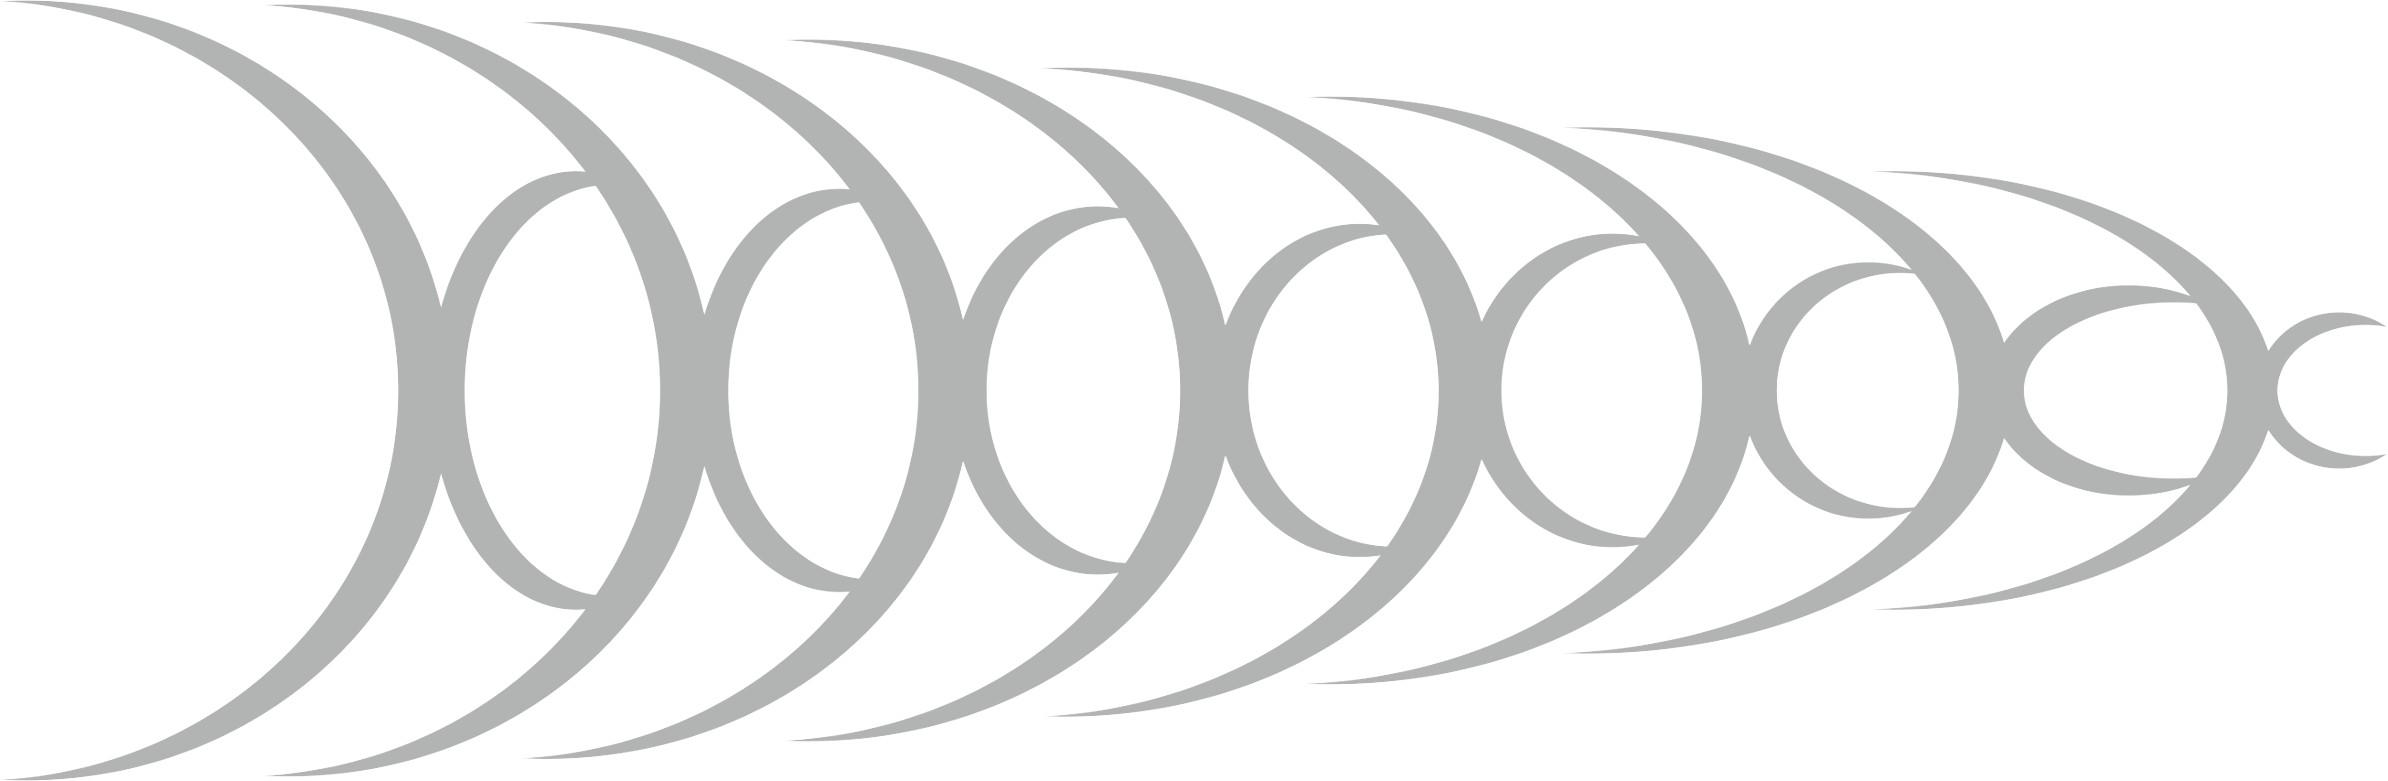 Car-Tattoo Schallwellen 1360 x 425 mm silber – Bild 1